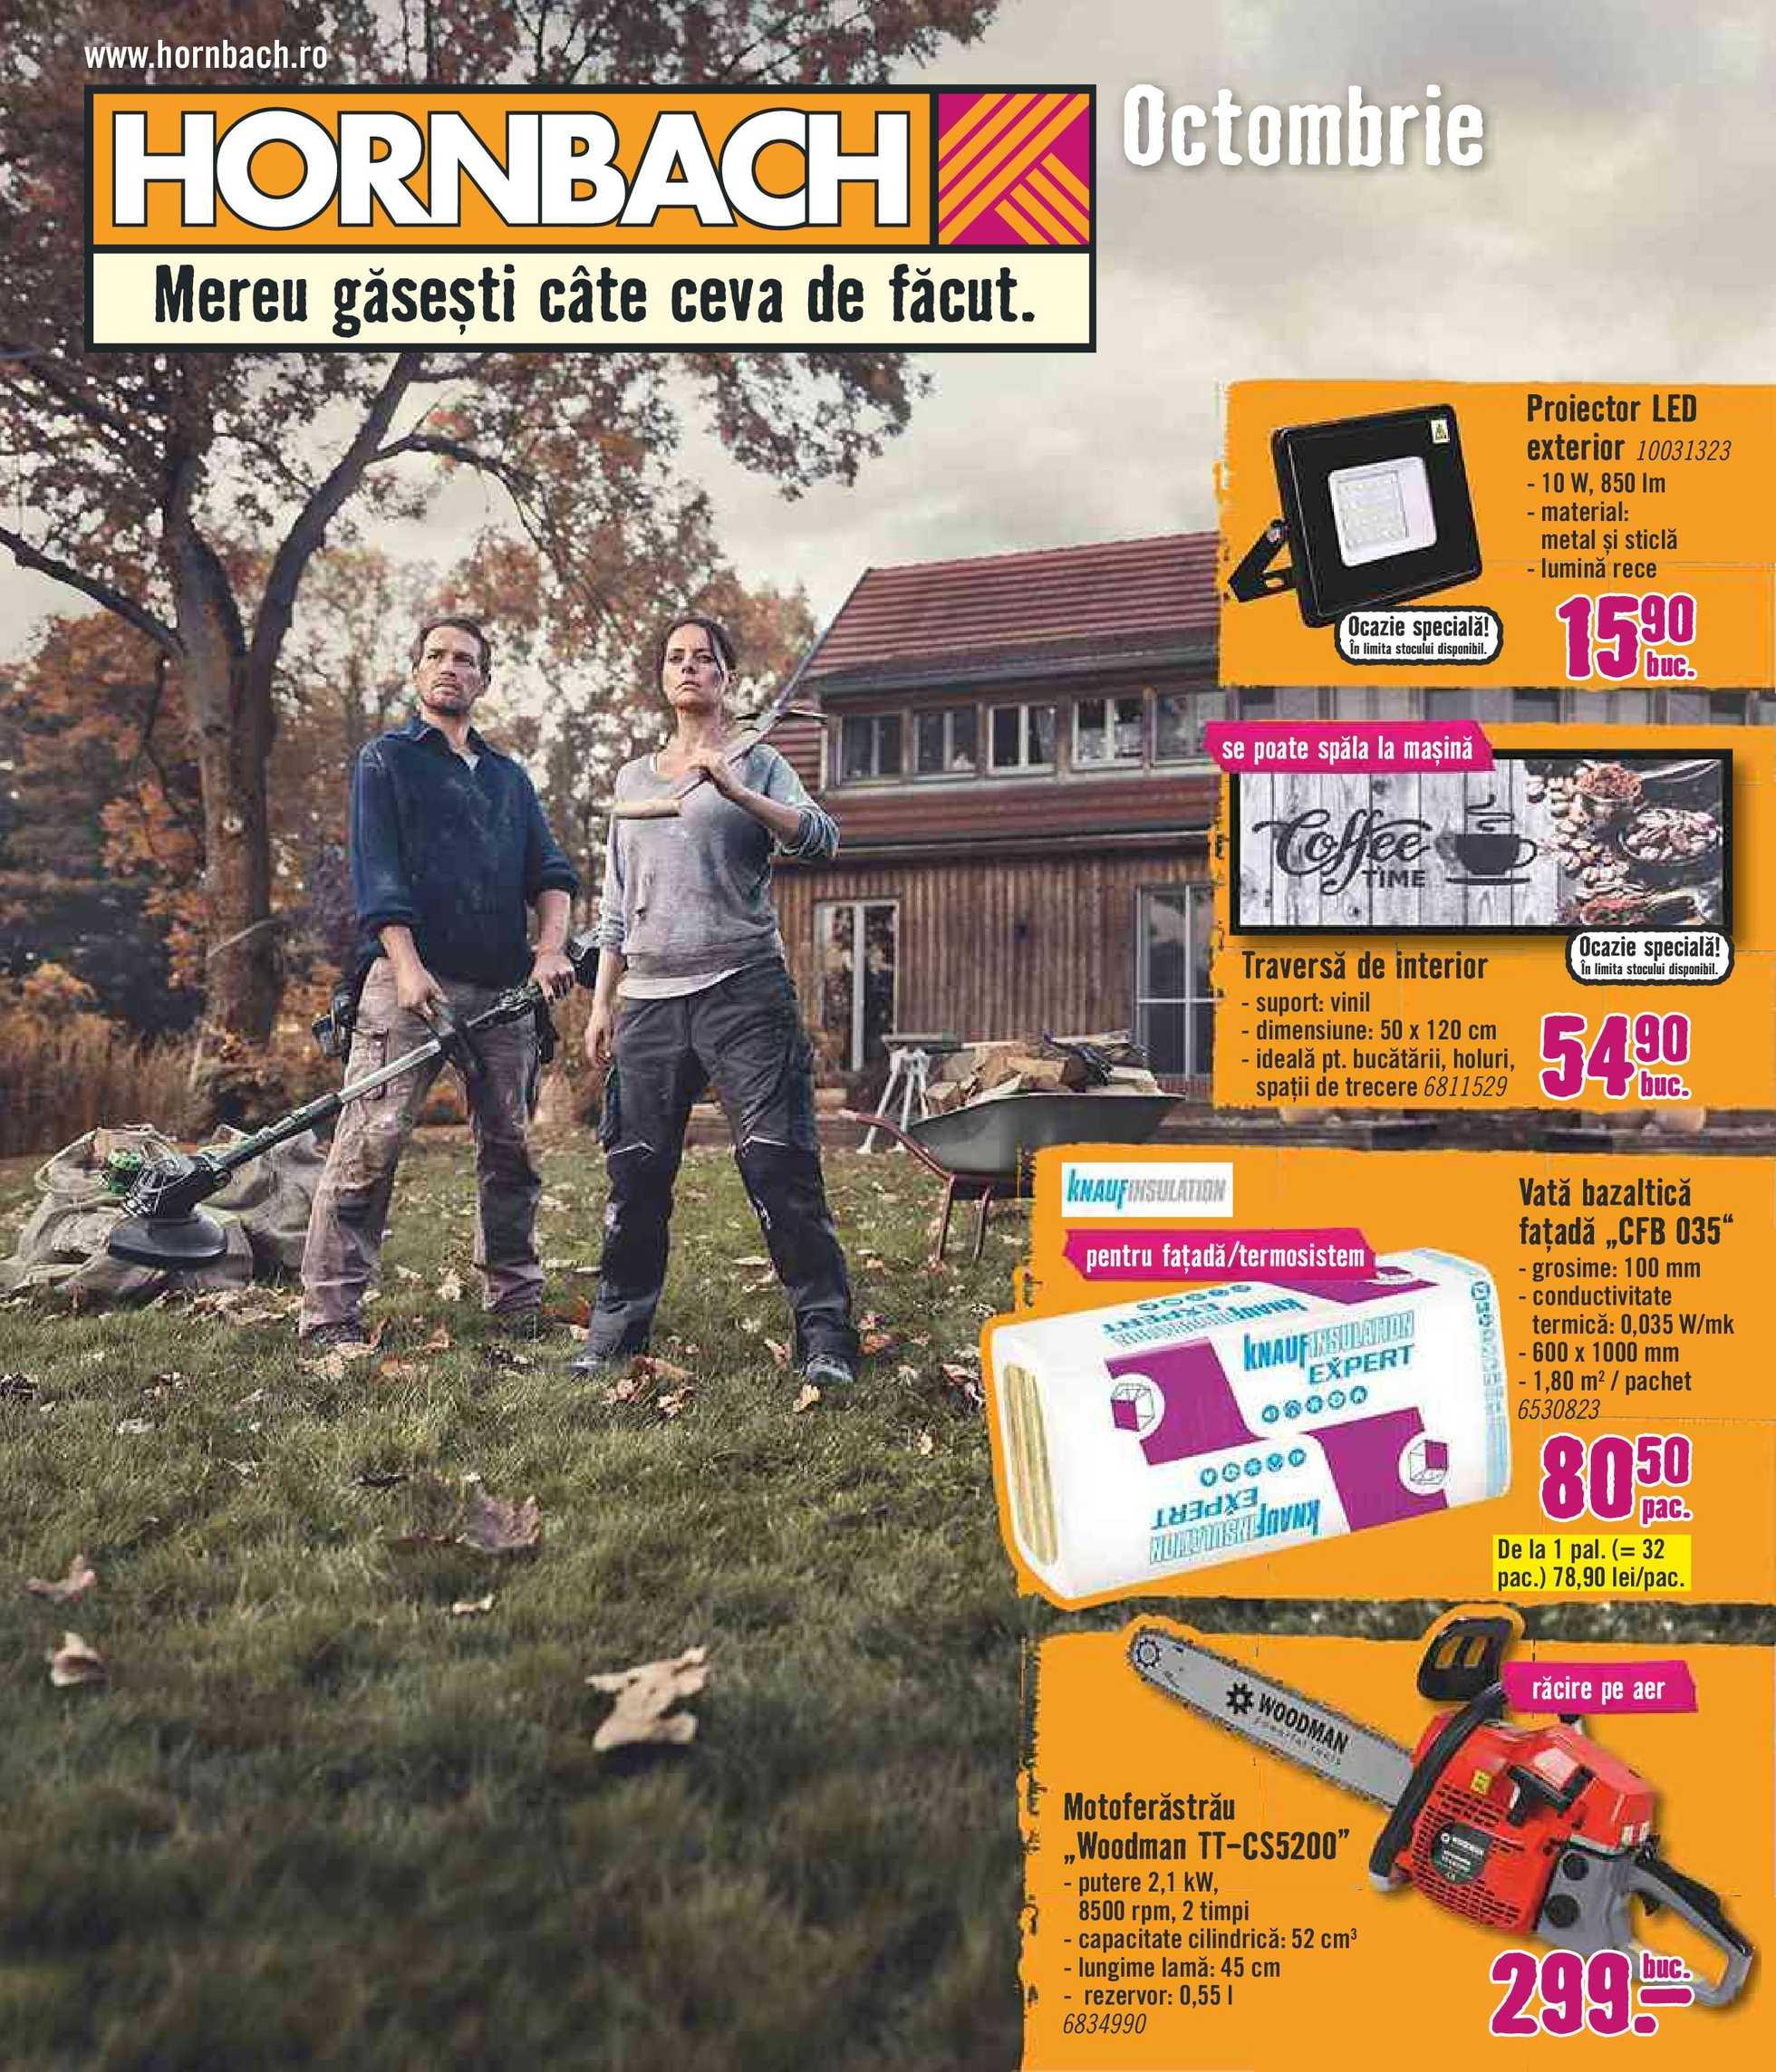 Hornbach - promo începând de la 01-10-2019 - pagină 1